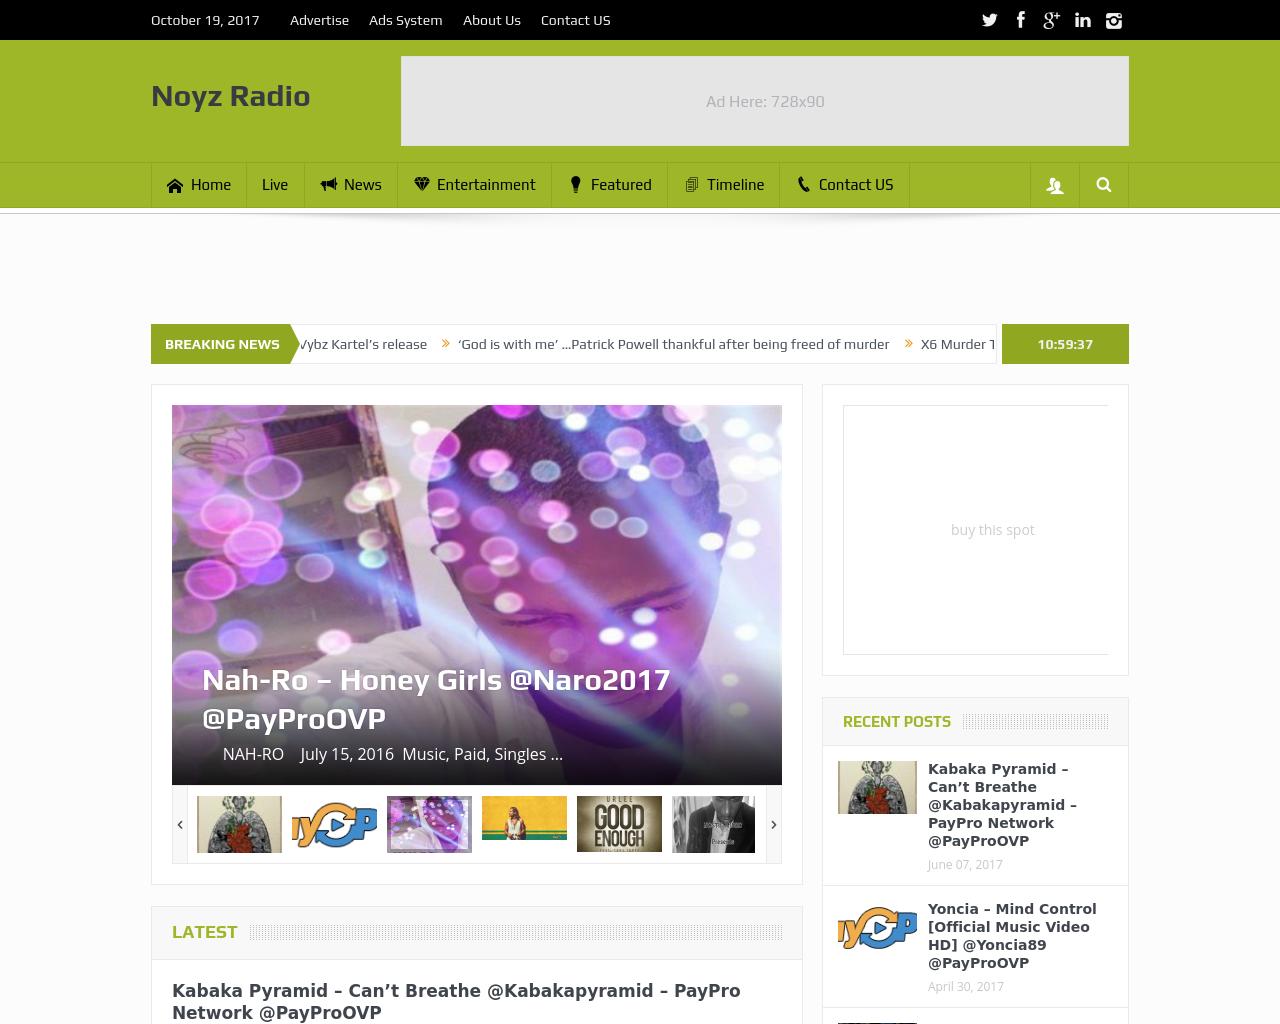 Noyz-Radio-Advertising-Reviews-Pricing